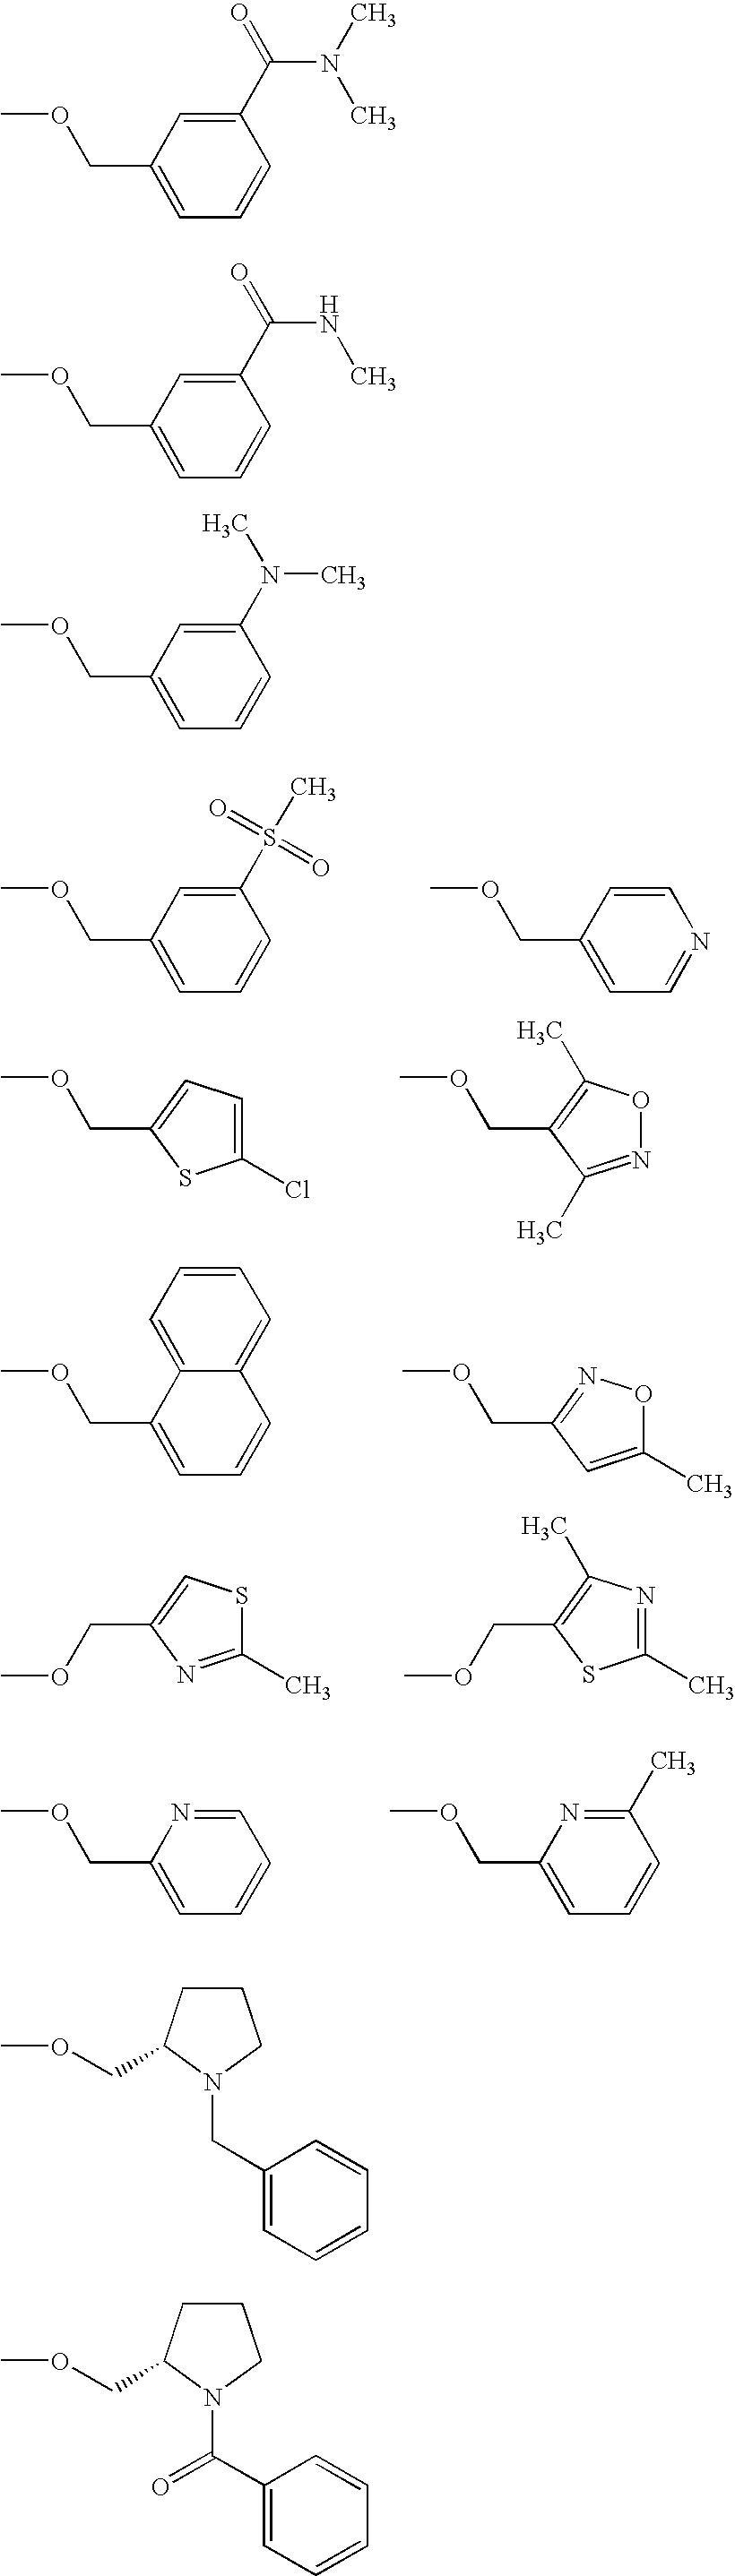 Figure US20070049593A1-20070301-C00219